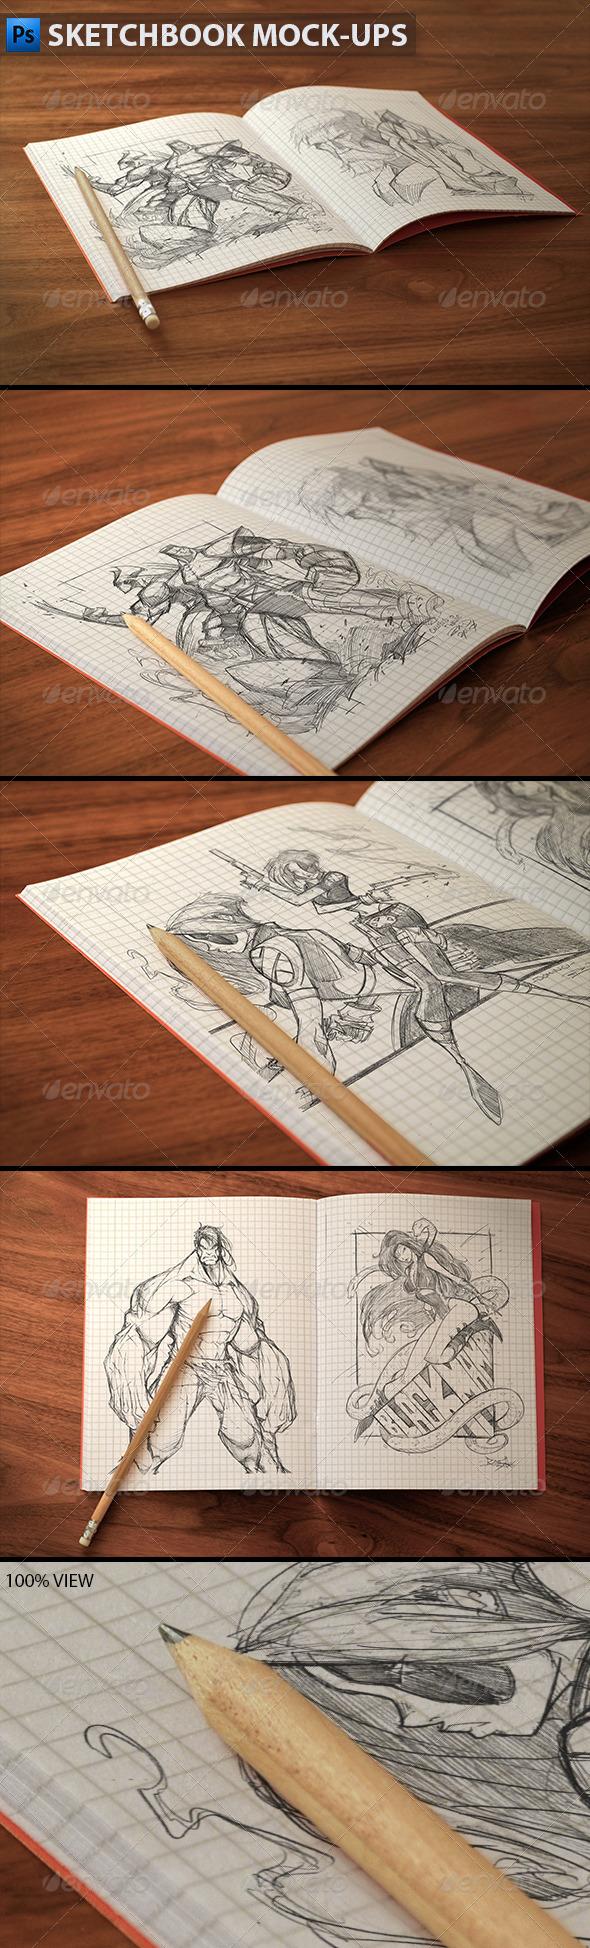 GraphicRiver Sketchbook Mock-ups 5965398